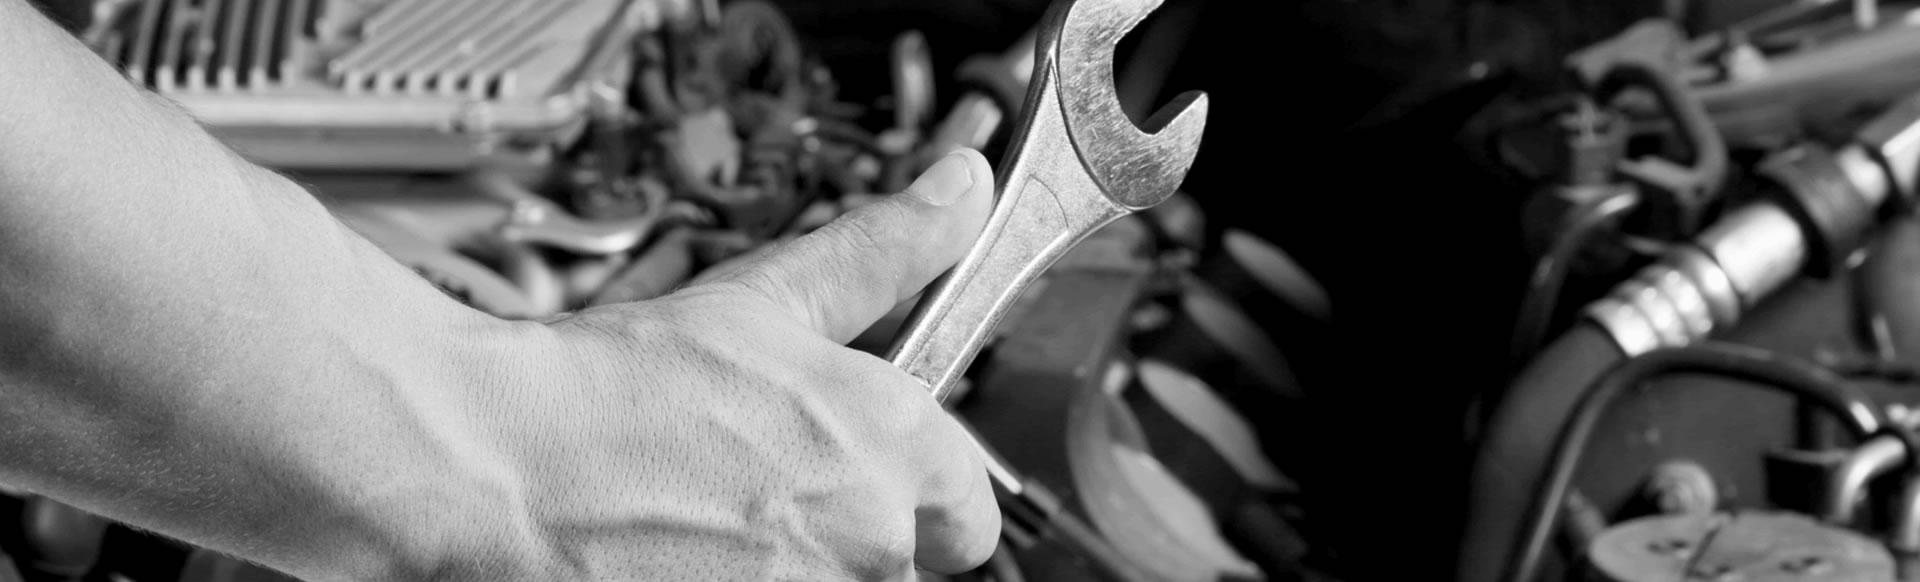 auto repair in las vegas nv